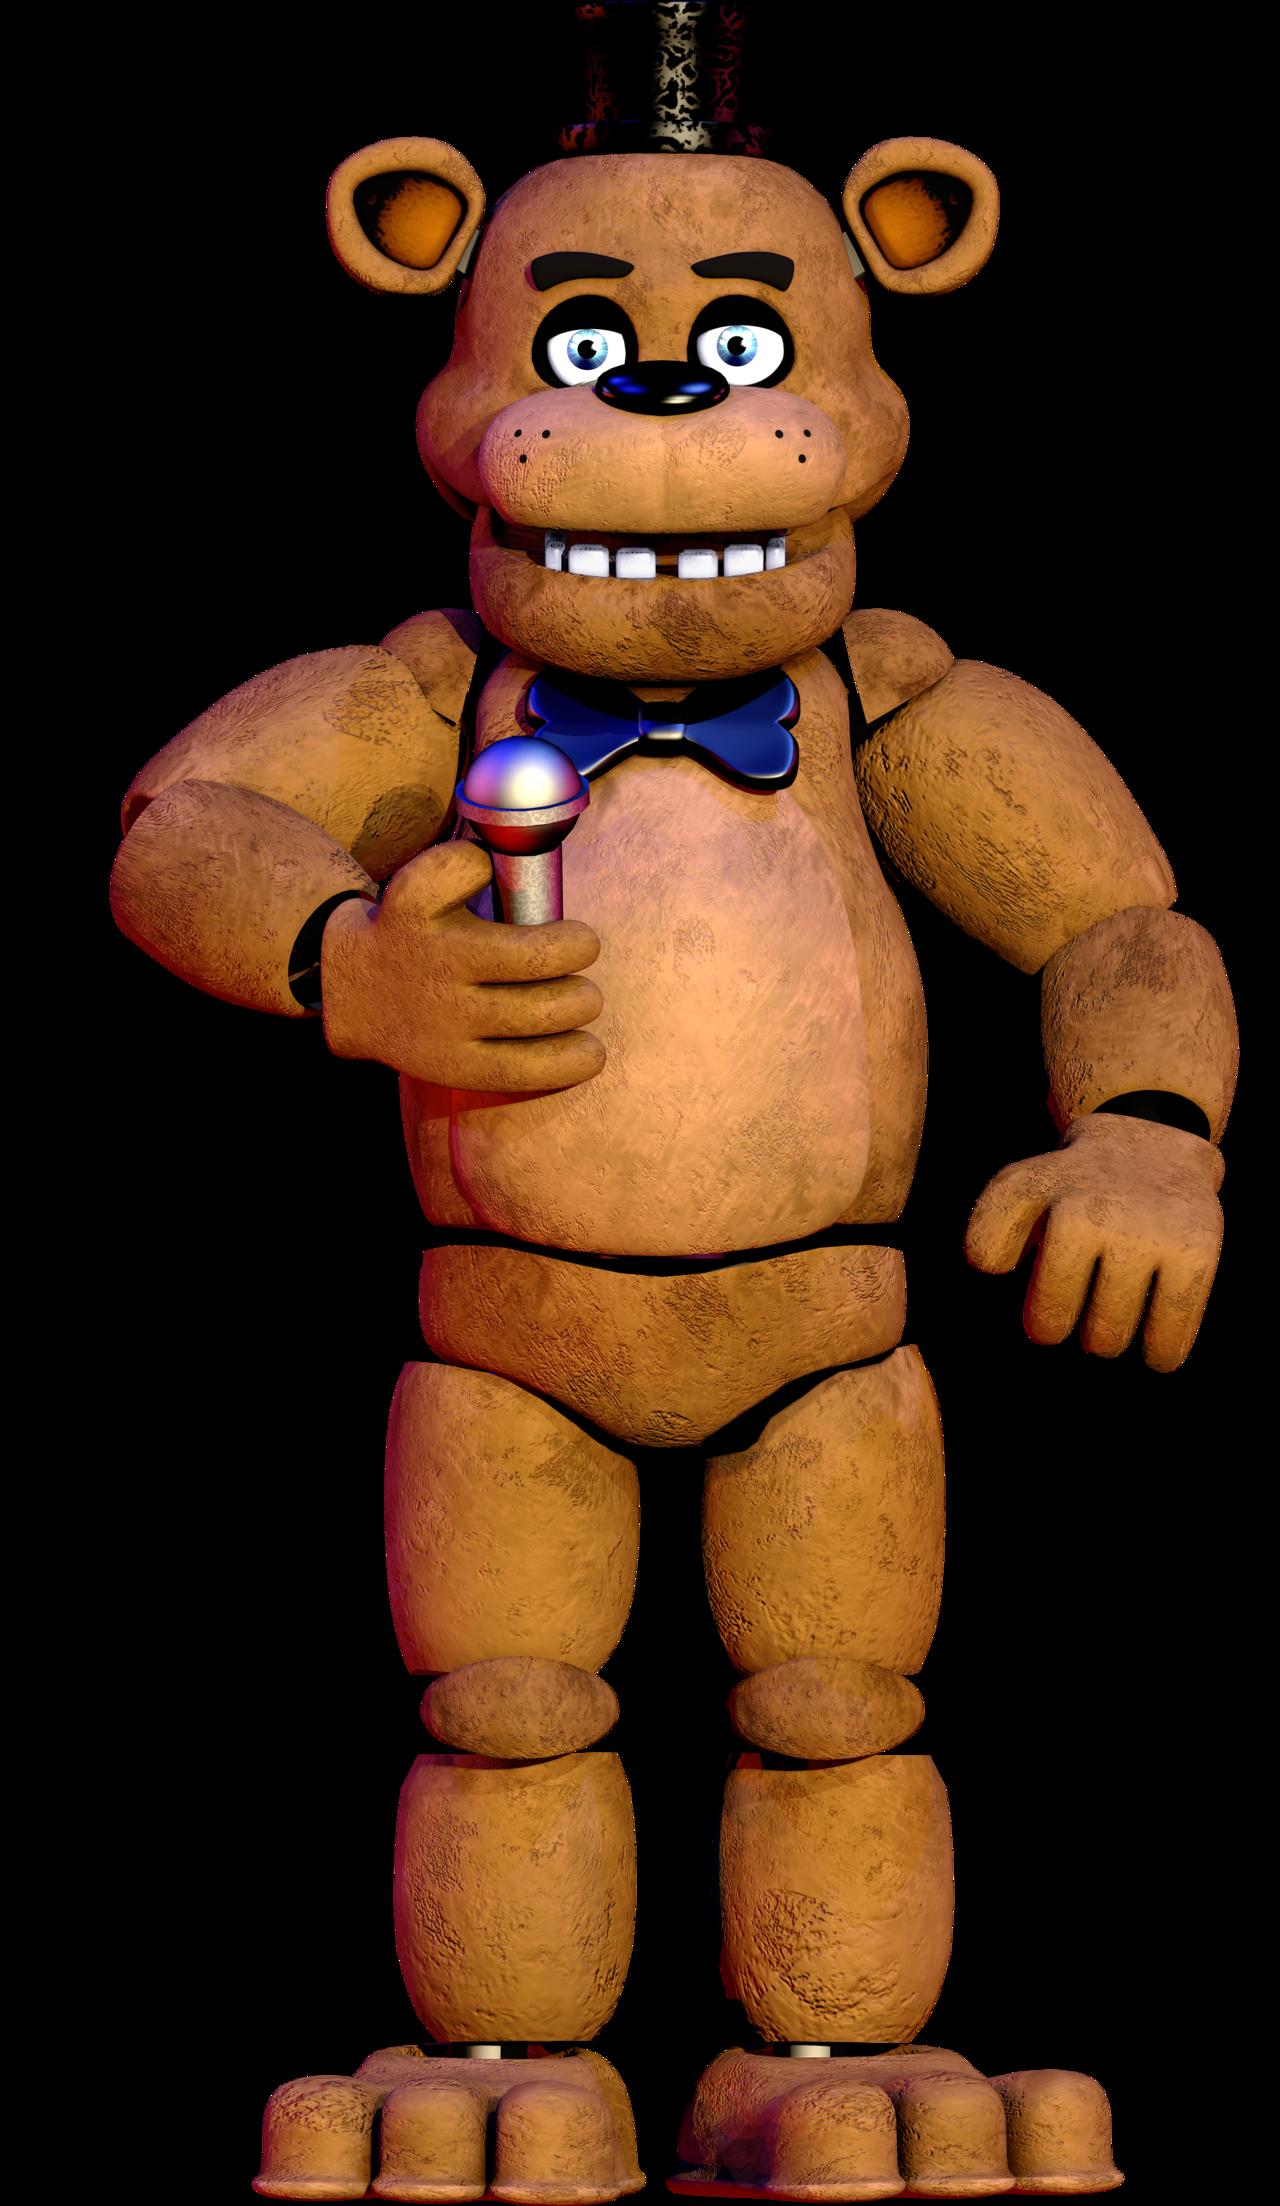 Freddy Fazbear.